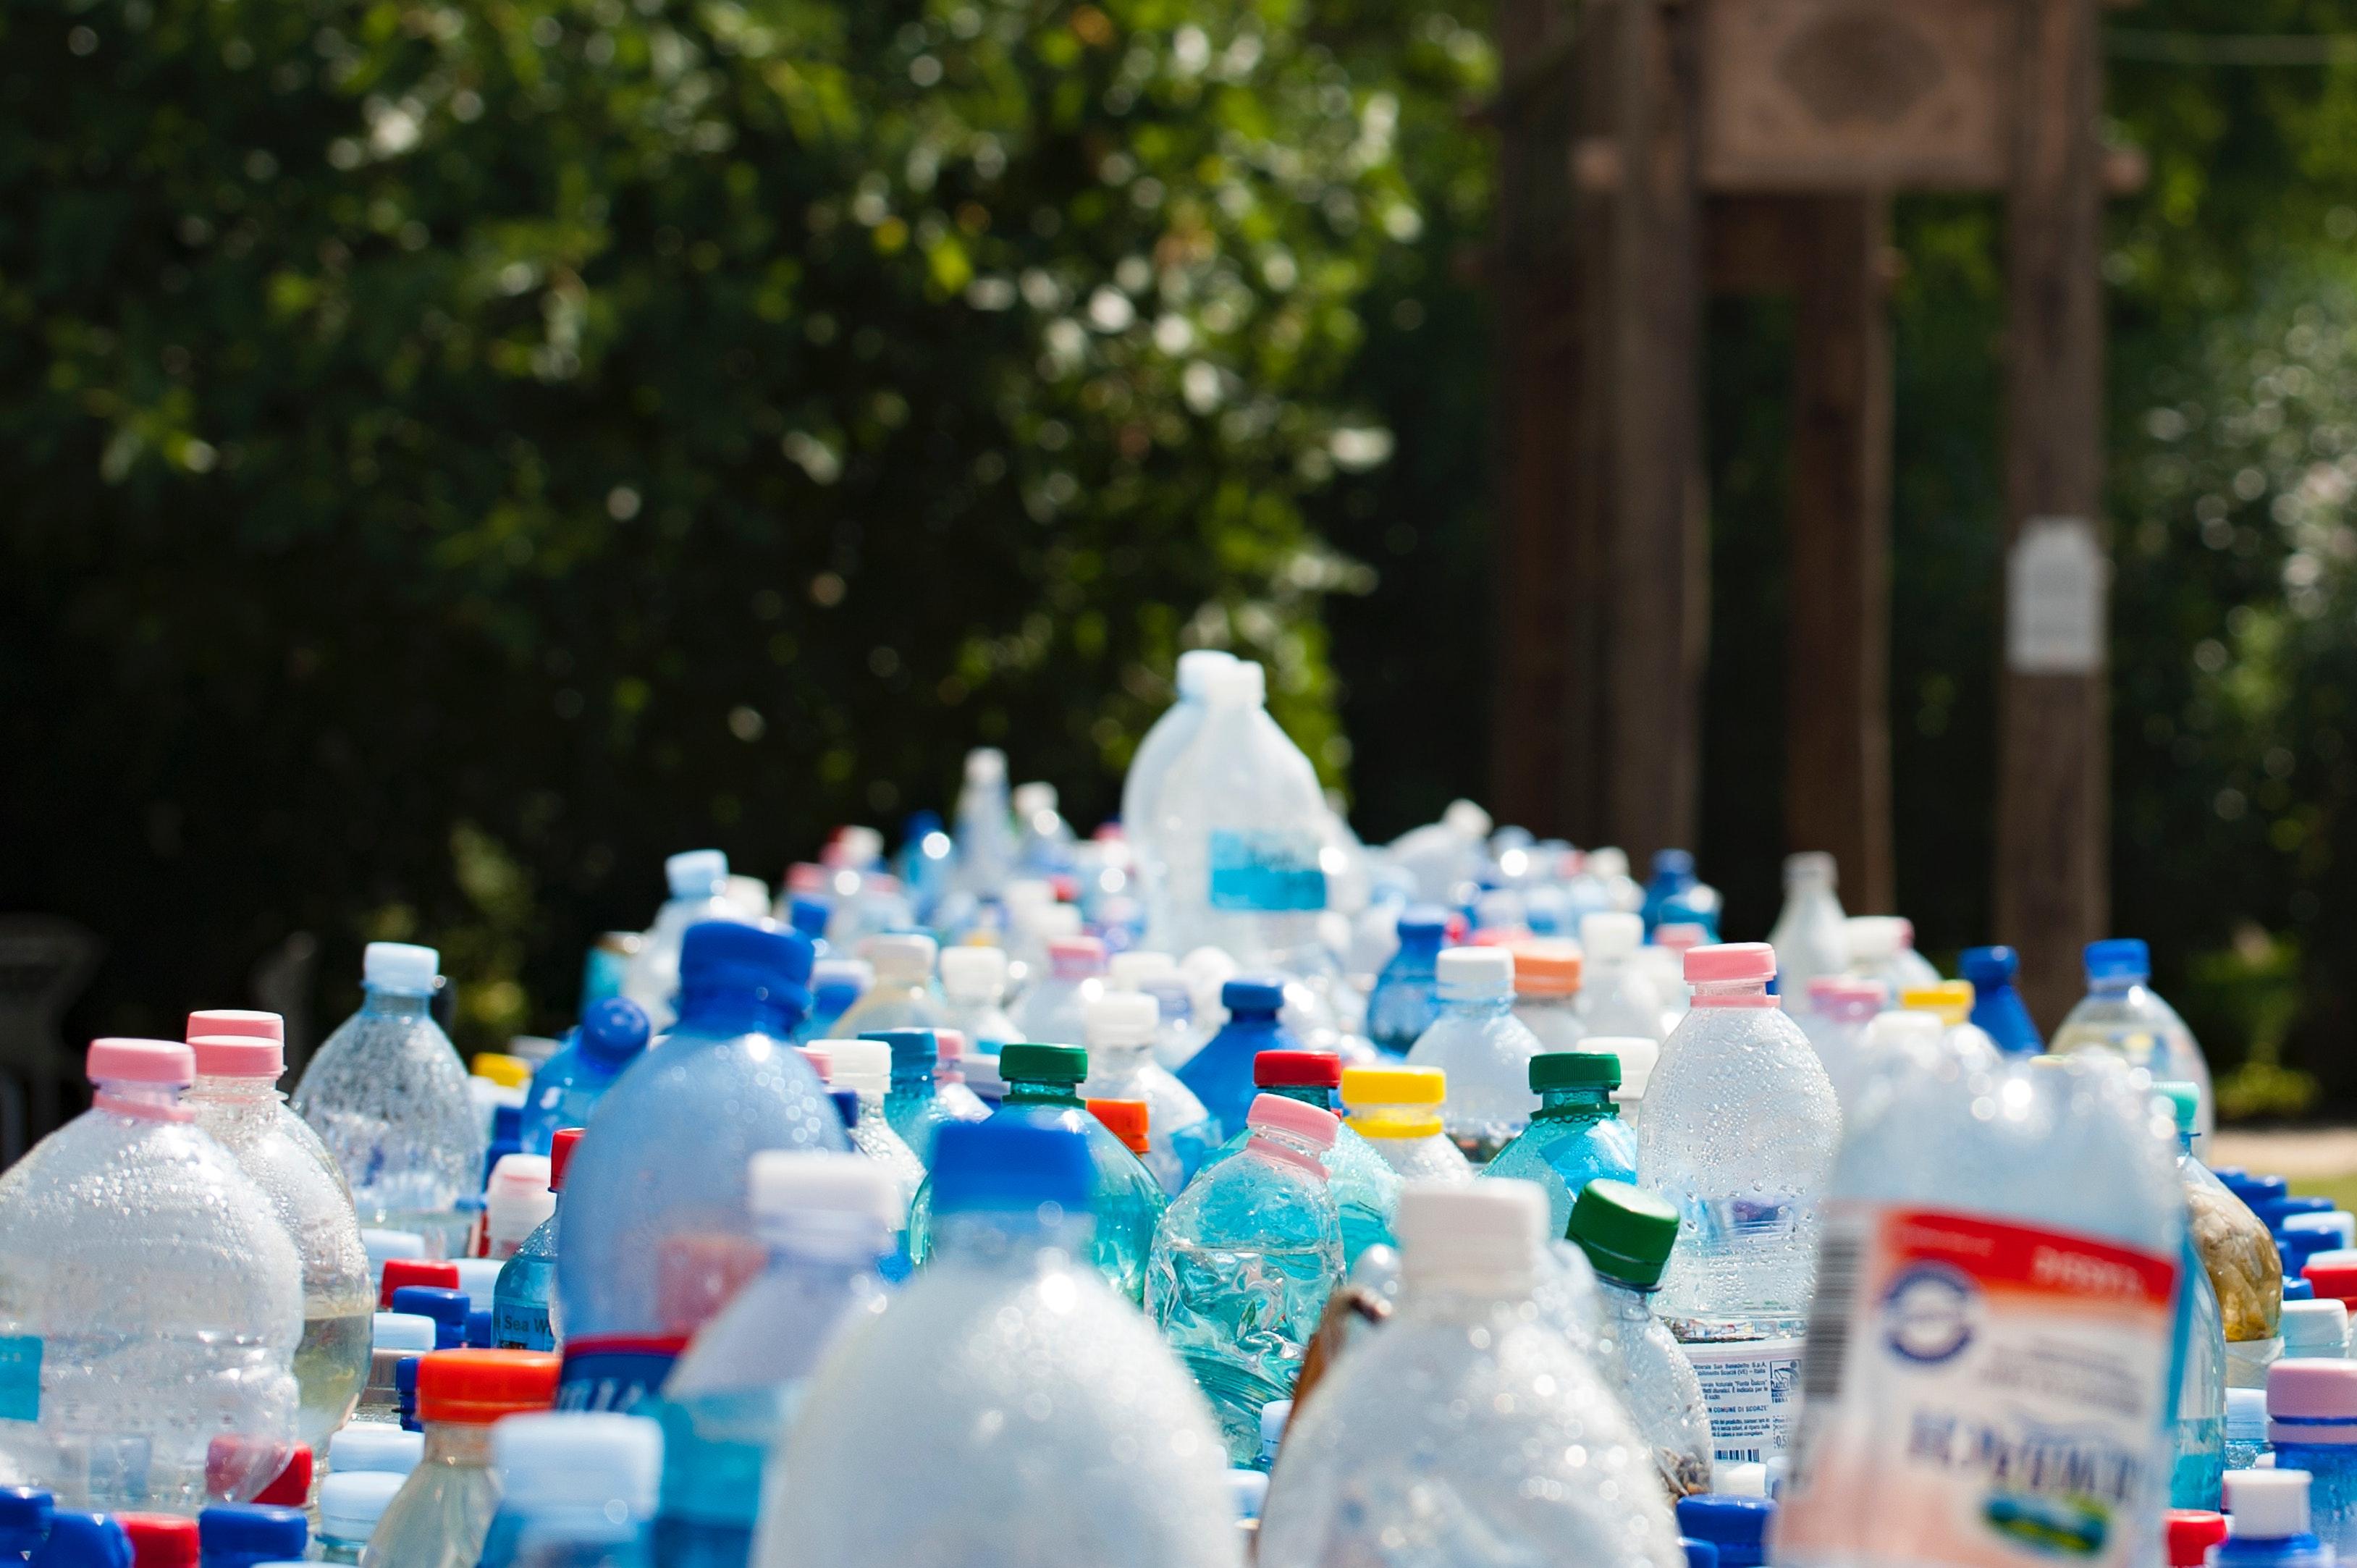 Češi třídí odpad zodpovědně, nejlepší jsou v Litomyšli